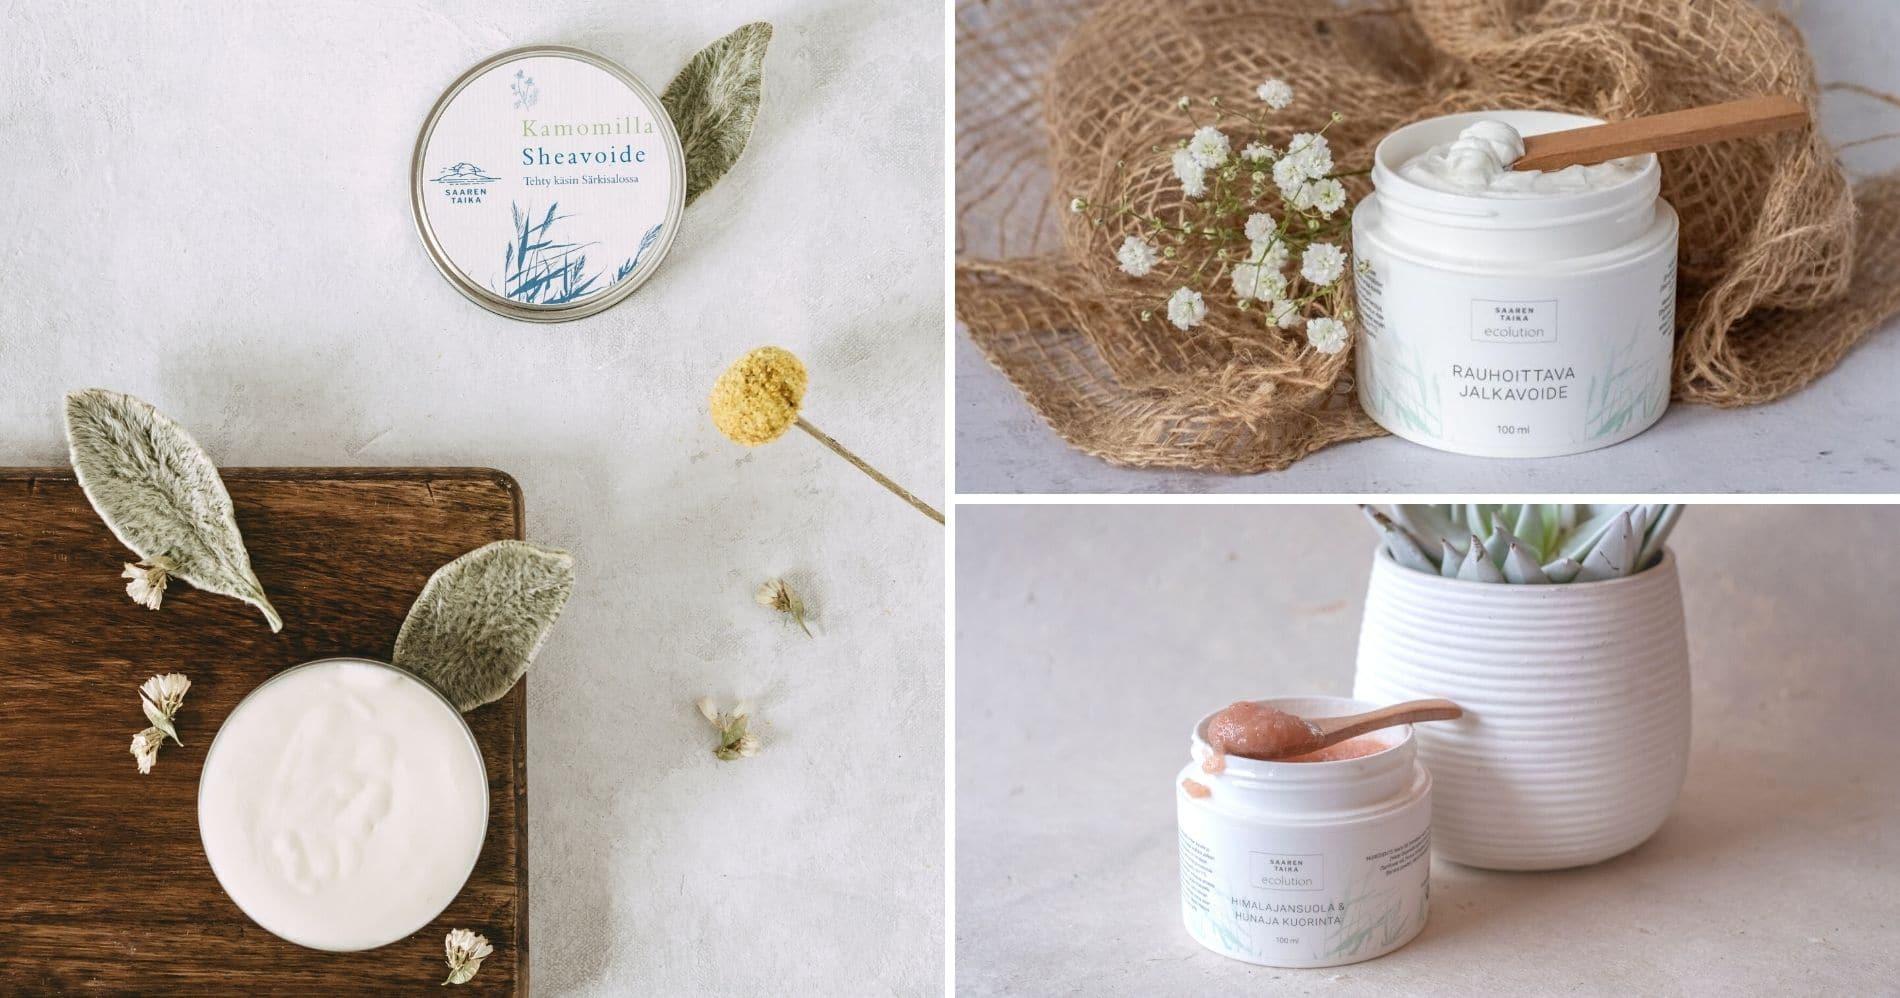 Saaren Taika luonnonkosmetiikka tuotteista löydät ihonhoitotuotteet voiteet seerumit sekä naisille että miesten ihonhoitotuotteet